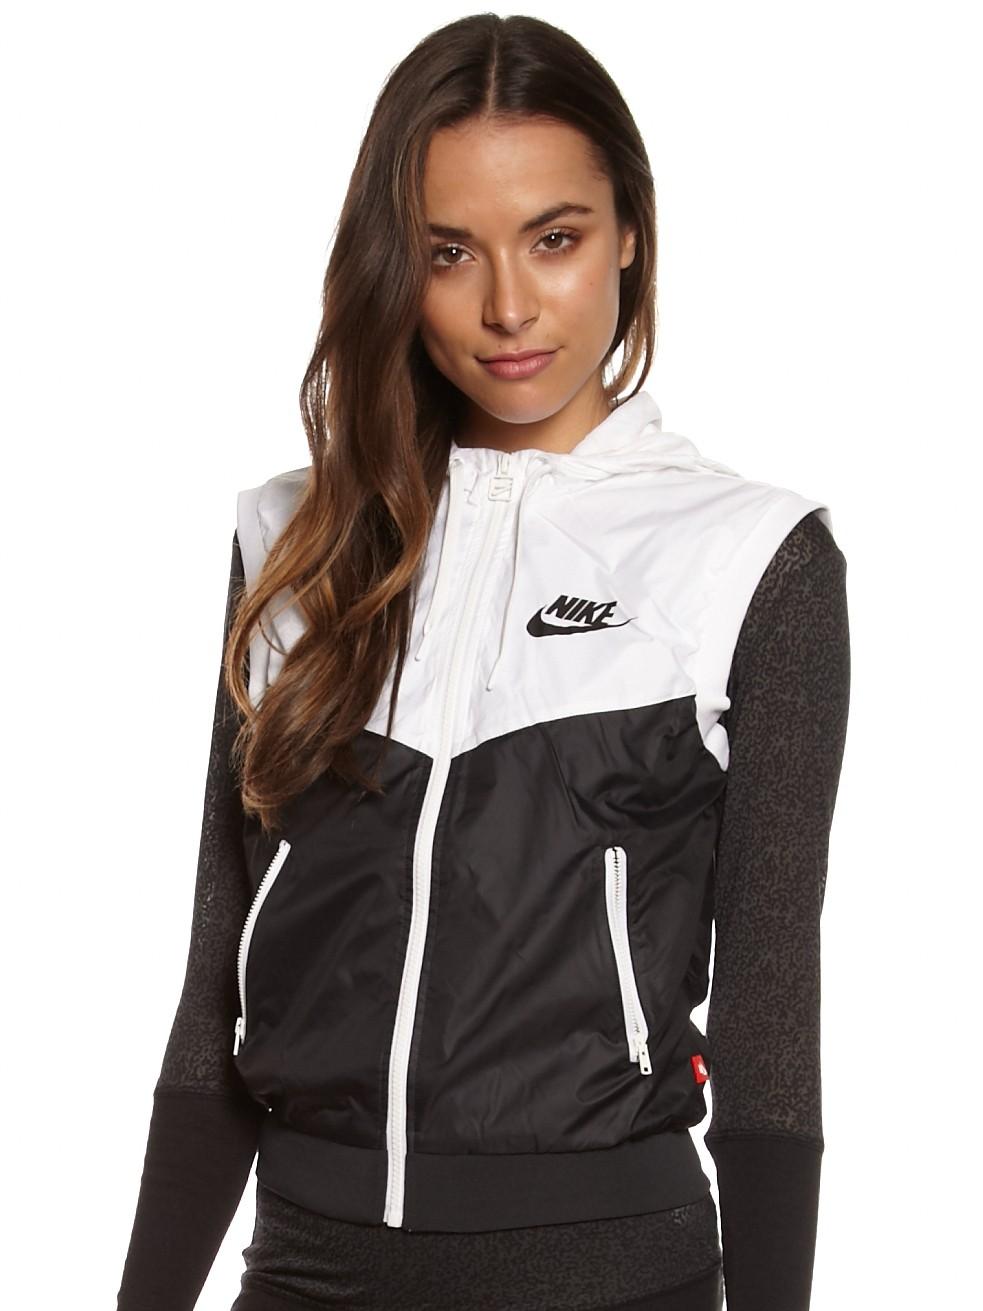 Nike Windrunner Vest in Black   White - Glue Store 4c8cfe914